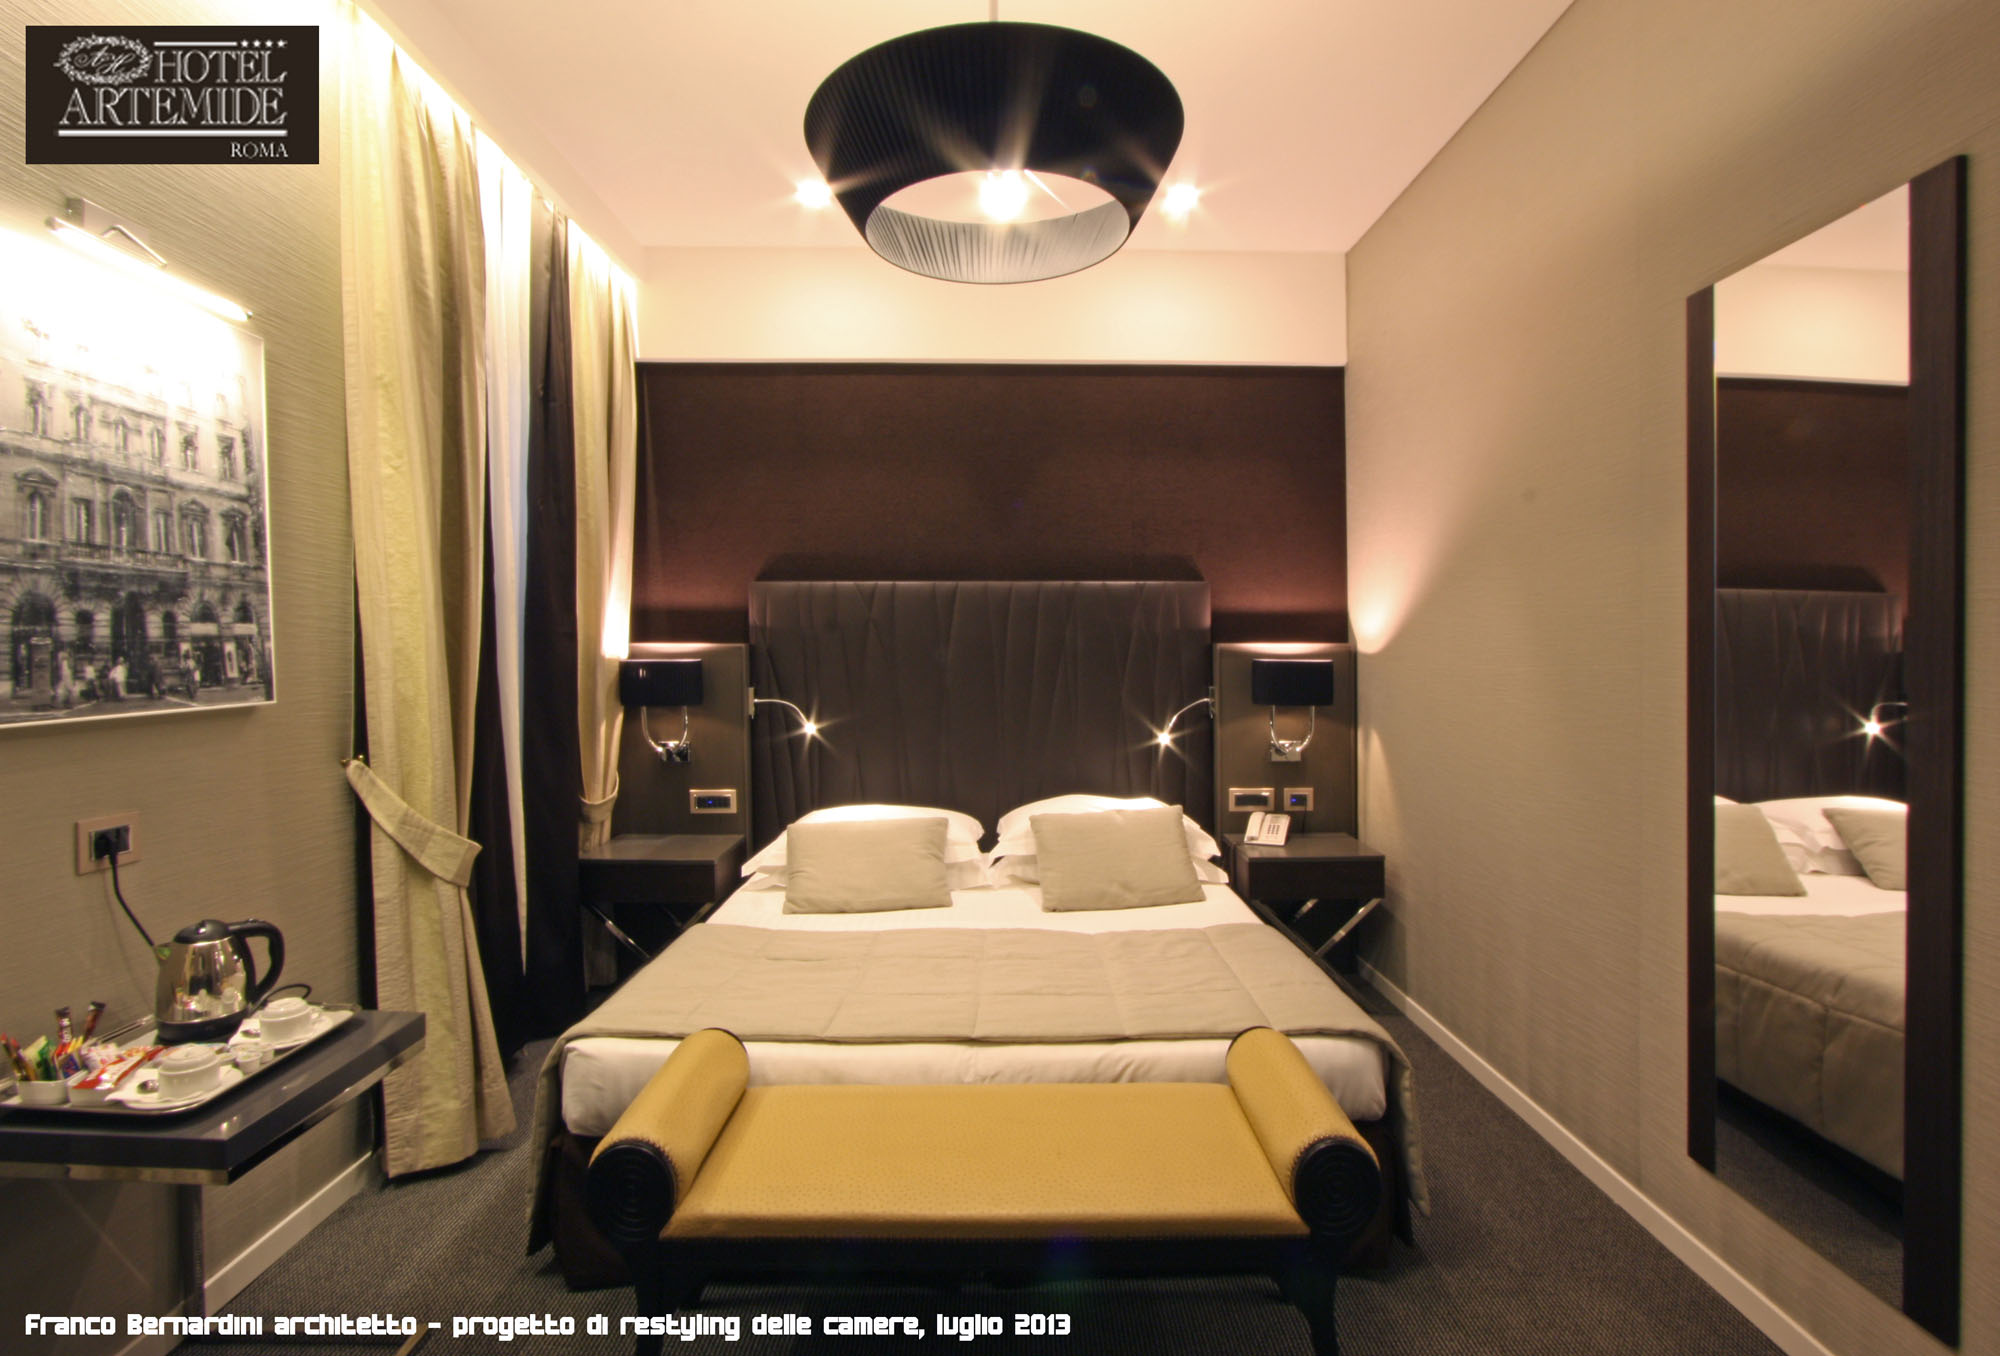 Hotel artemide l roma franco bernardini architetto for Archi arredo roma